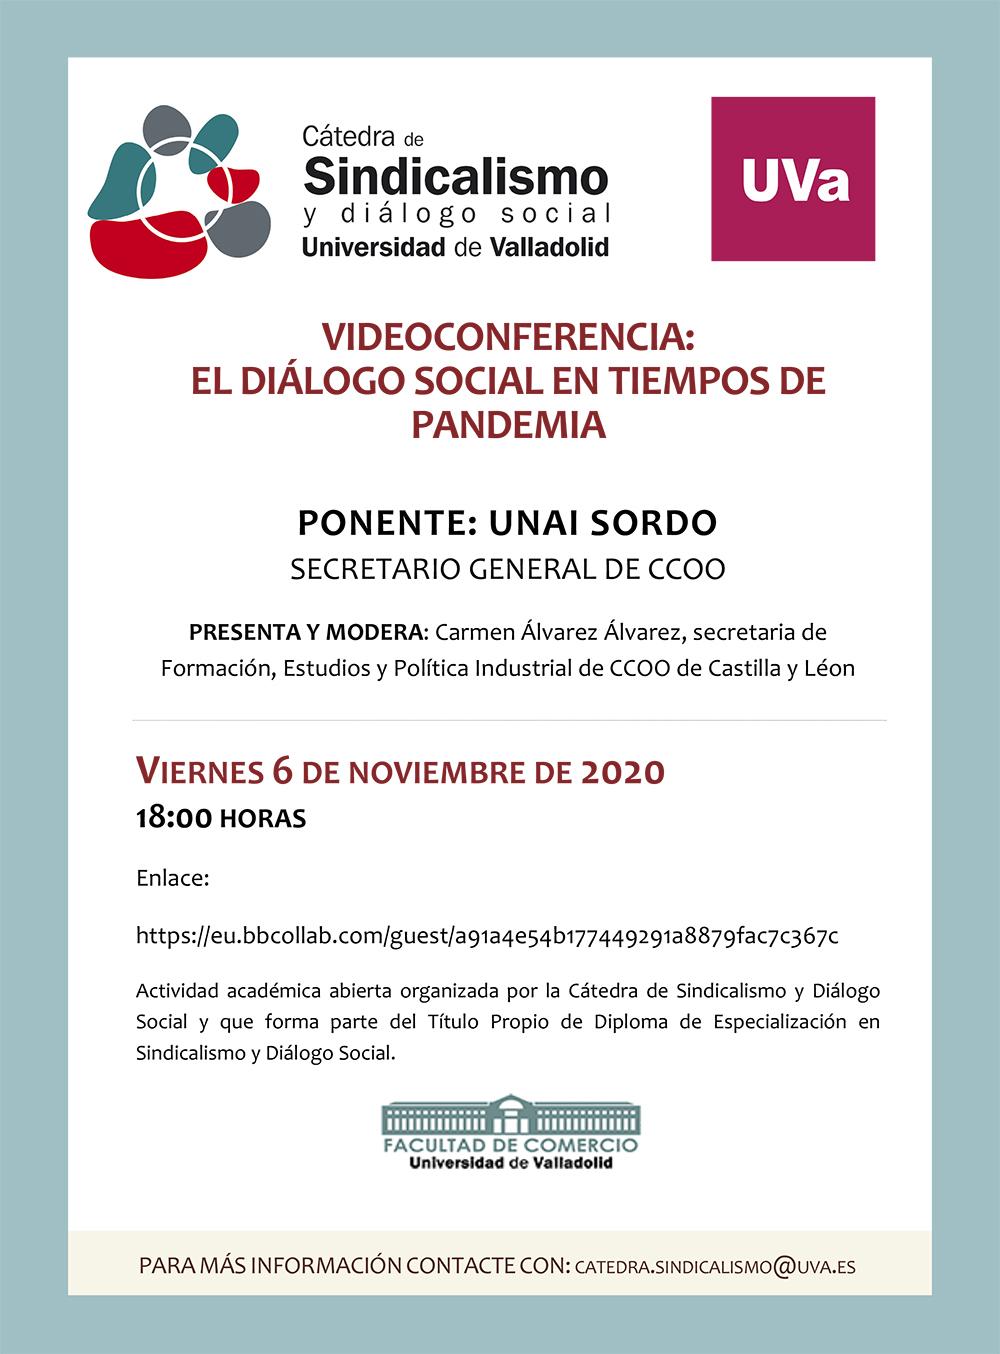 Videoconferencia UNAI SORDO CCOO